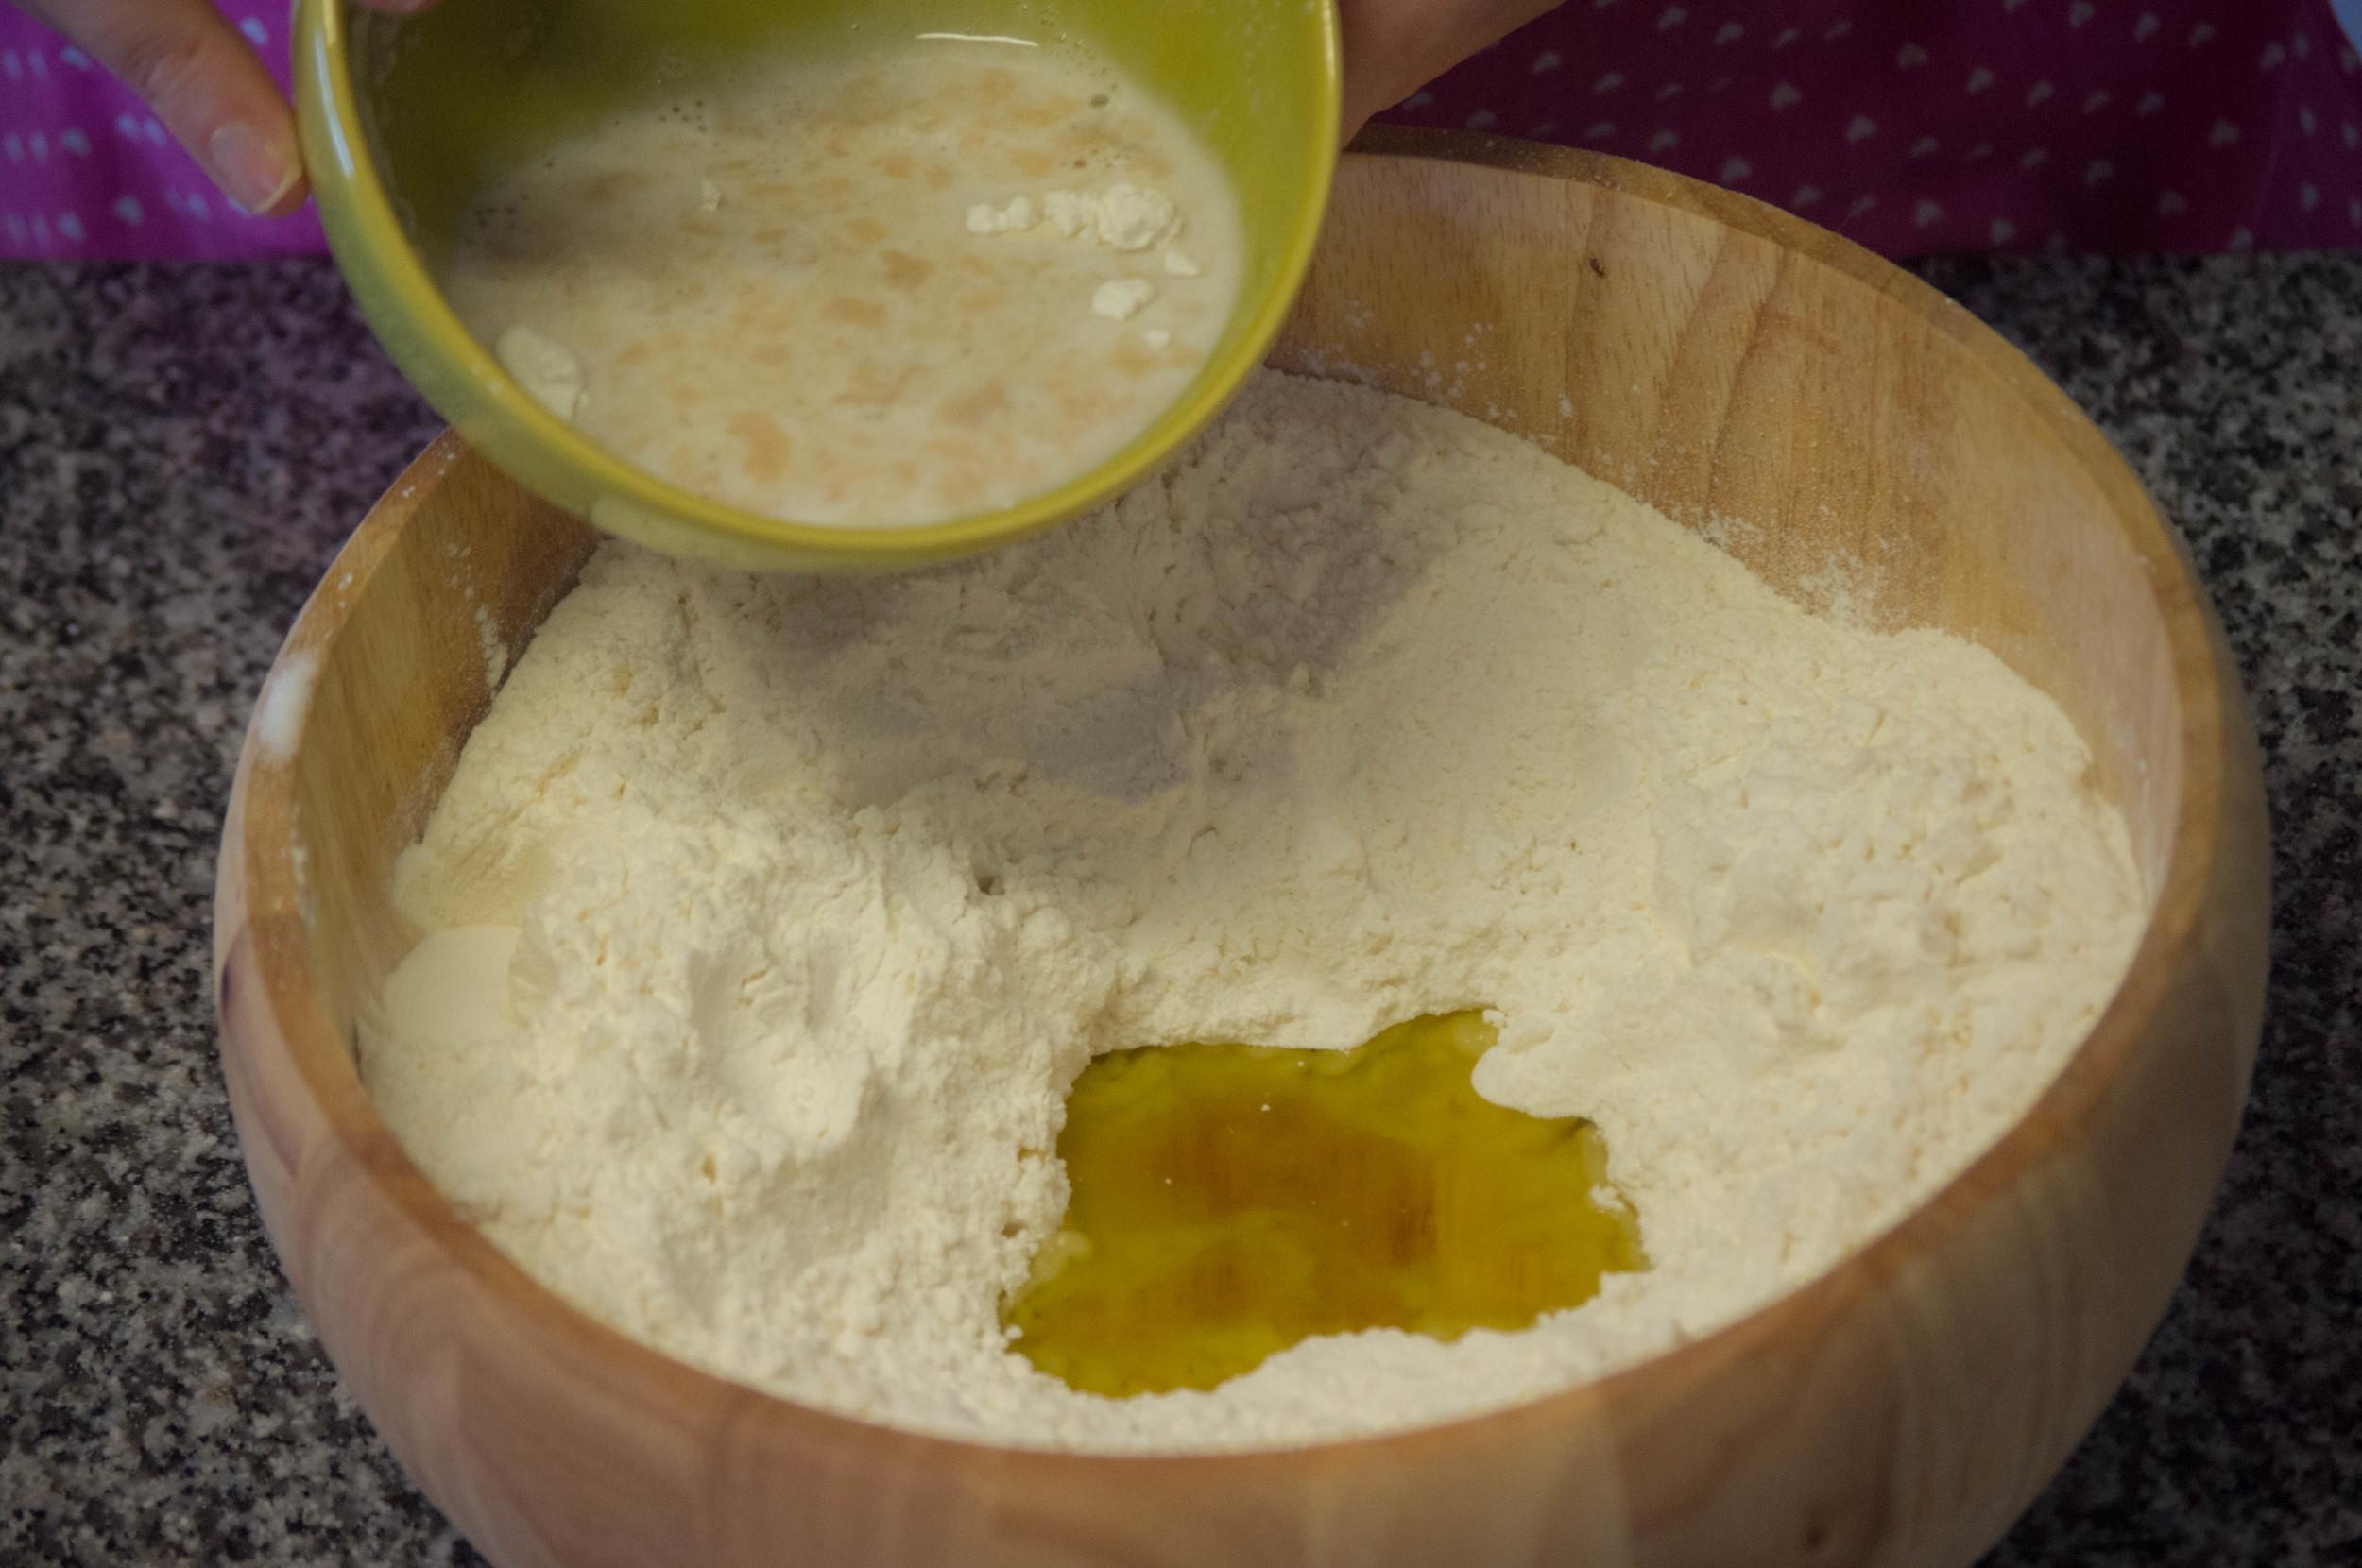 Agrega la esponja a la preparacion